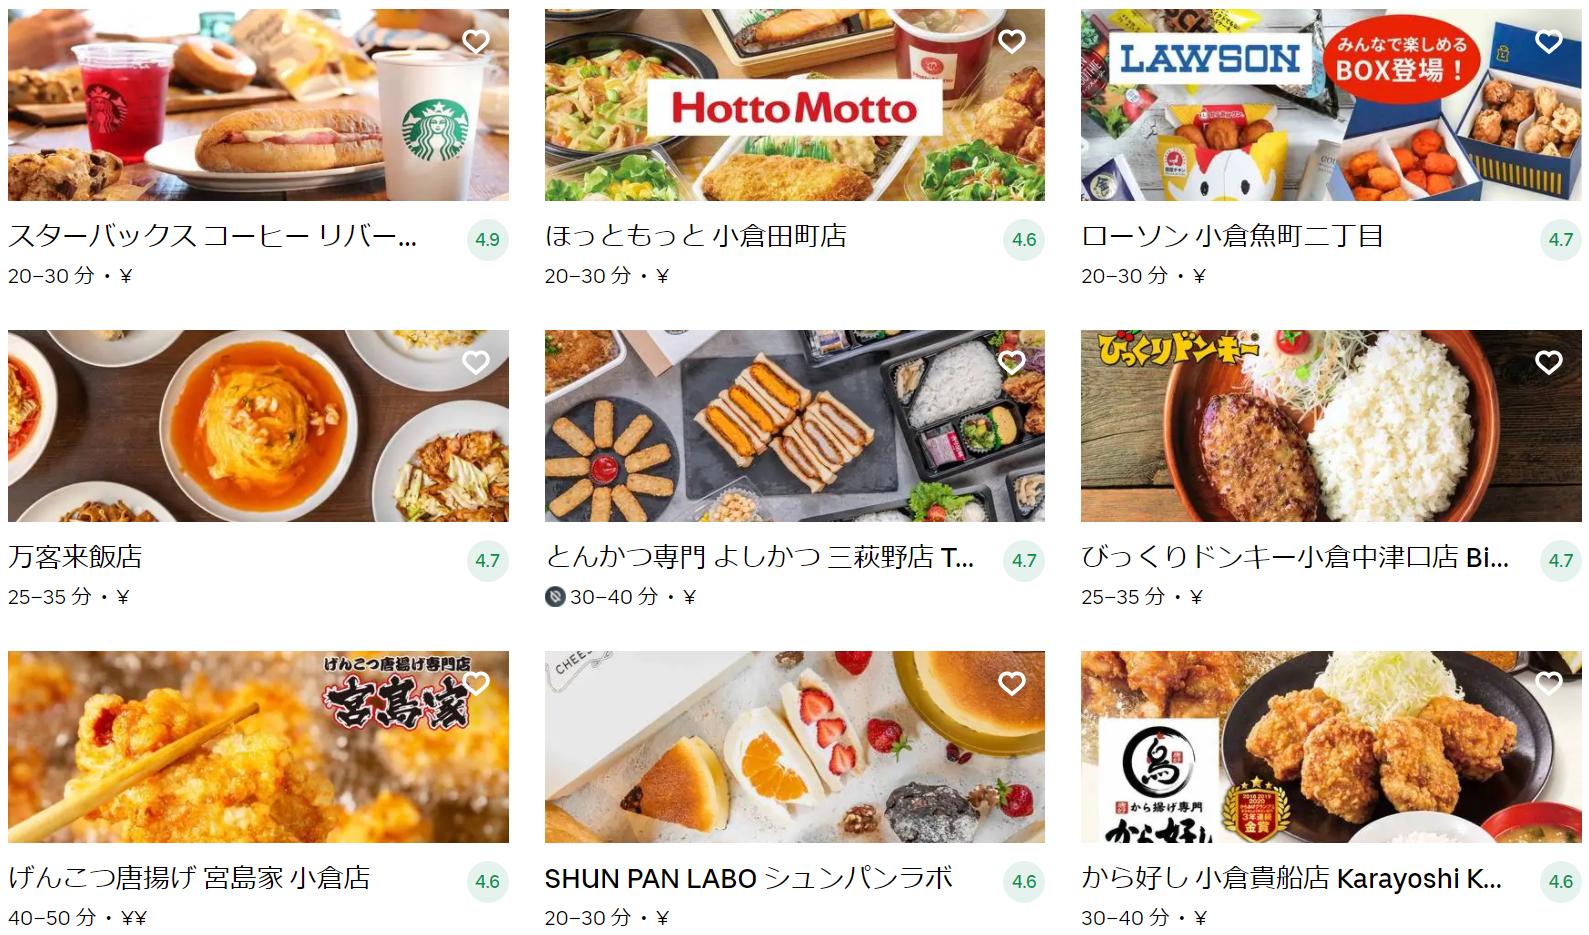 北九州市エリアのおすすめUber Eats(ウーバーイーツ)メニュー